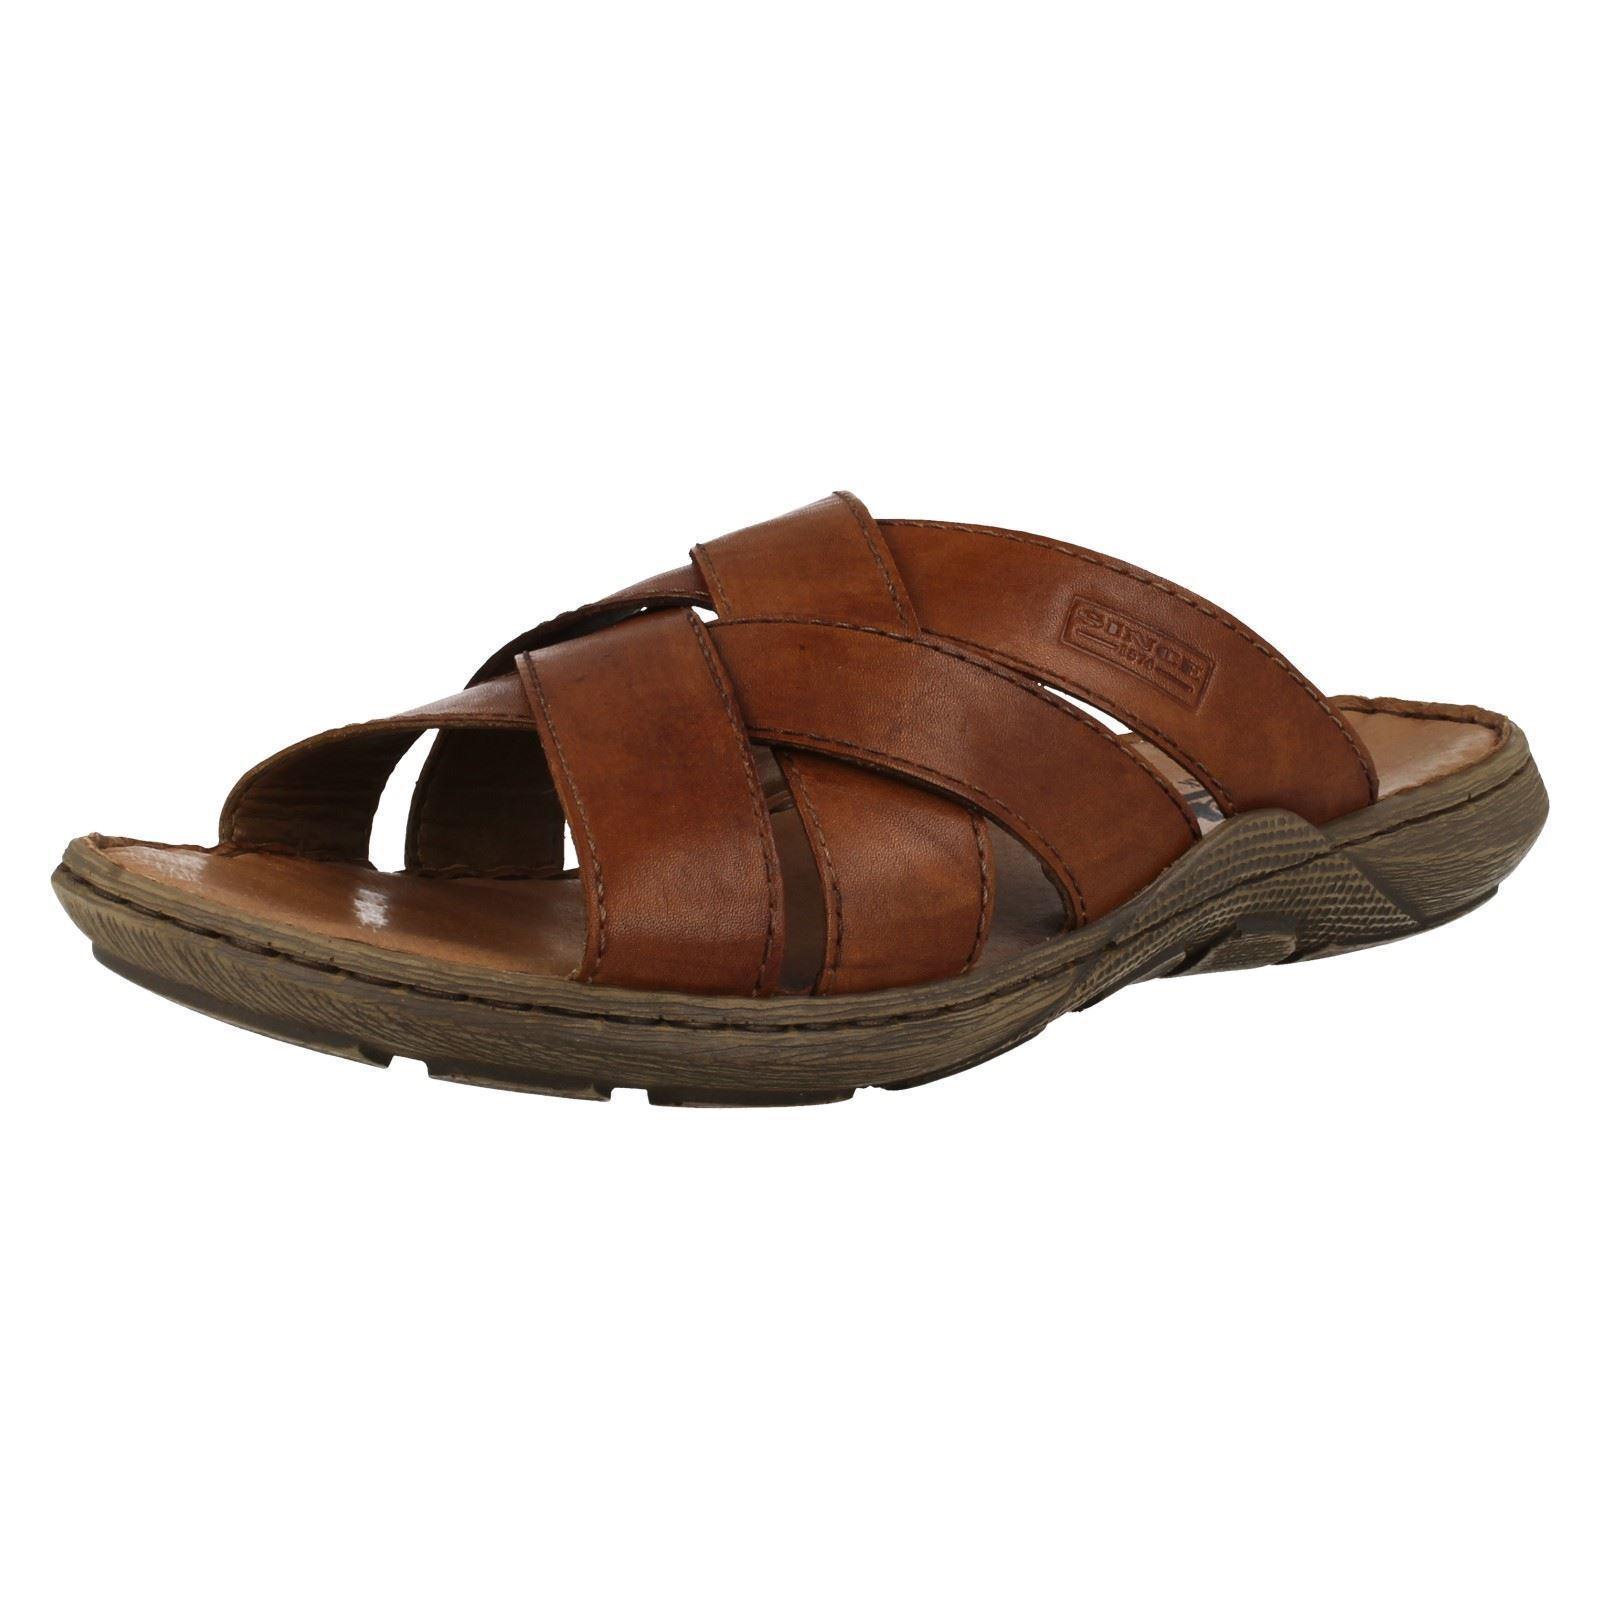 Da Uomo Rieker 22098 Marrone Sandali Casual Crossover Strap Slip On Mule Sandali Marrone 4d652c